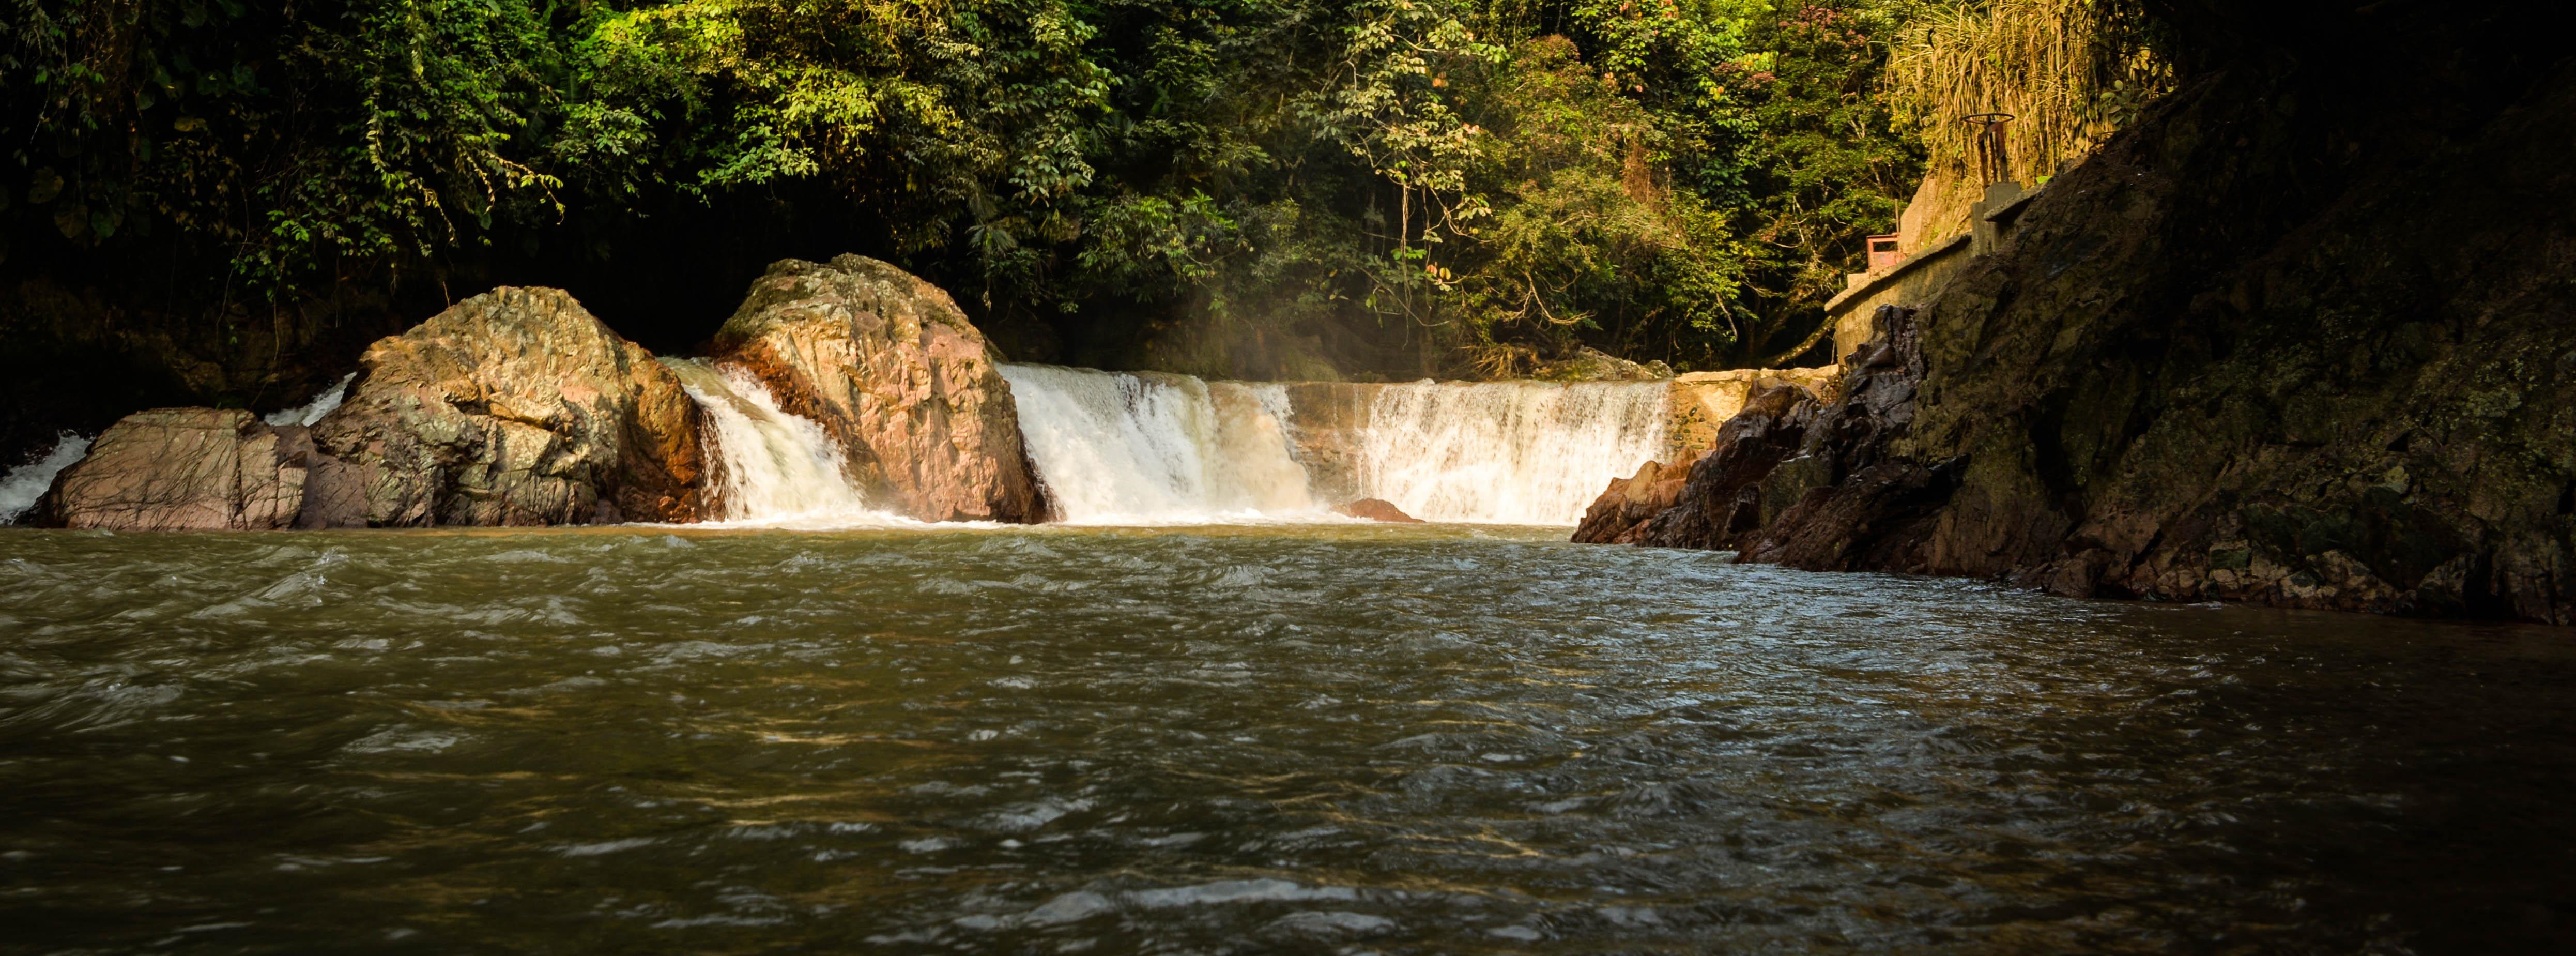 territorio/tolima/turismo-en-chaparral-es-aventura-y-agua-pura